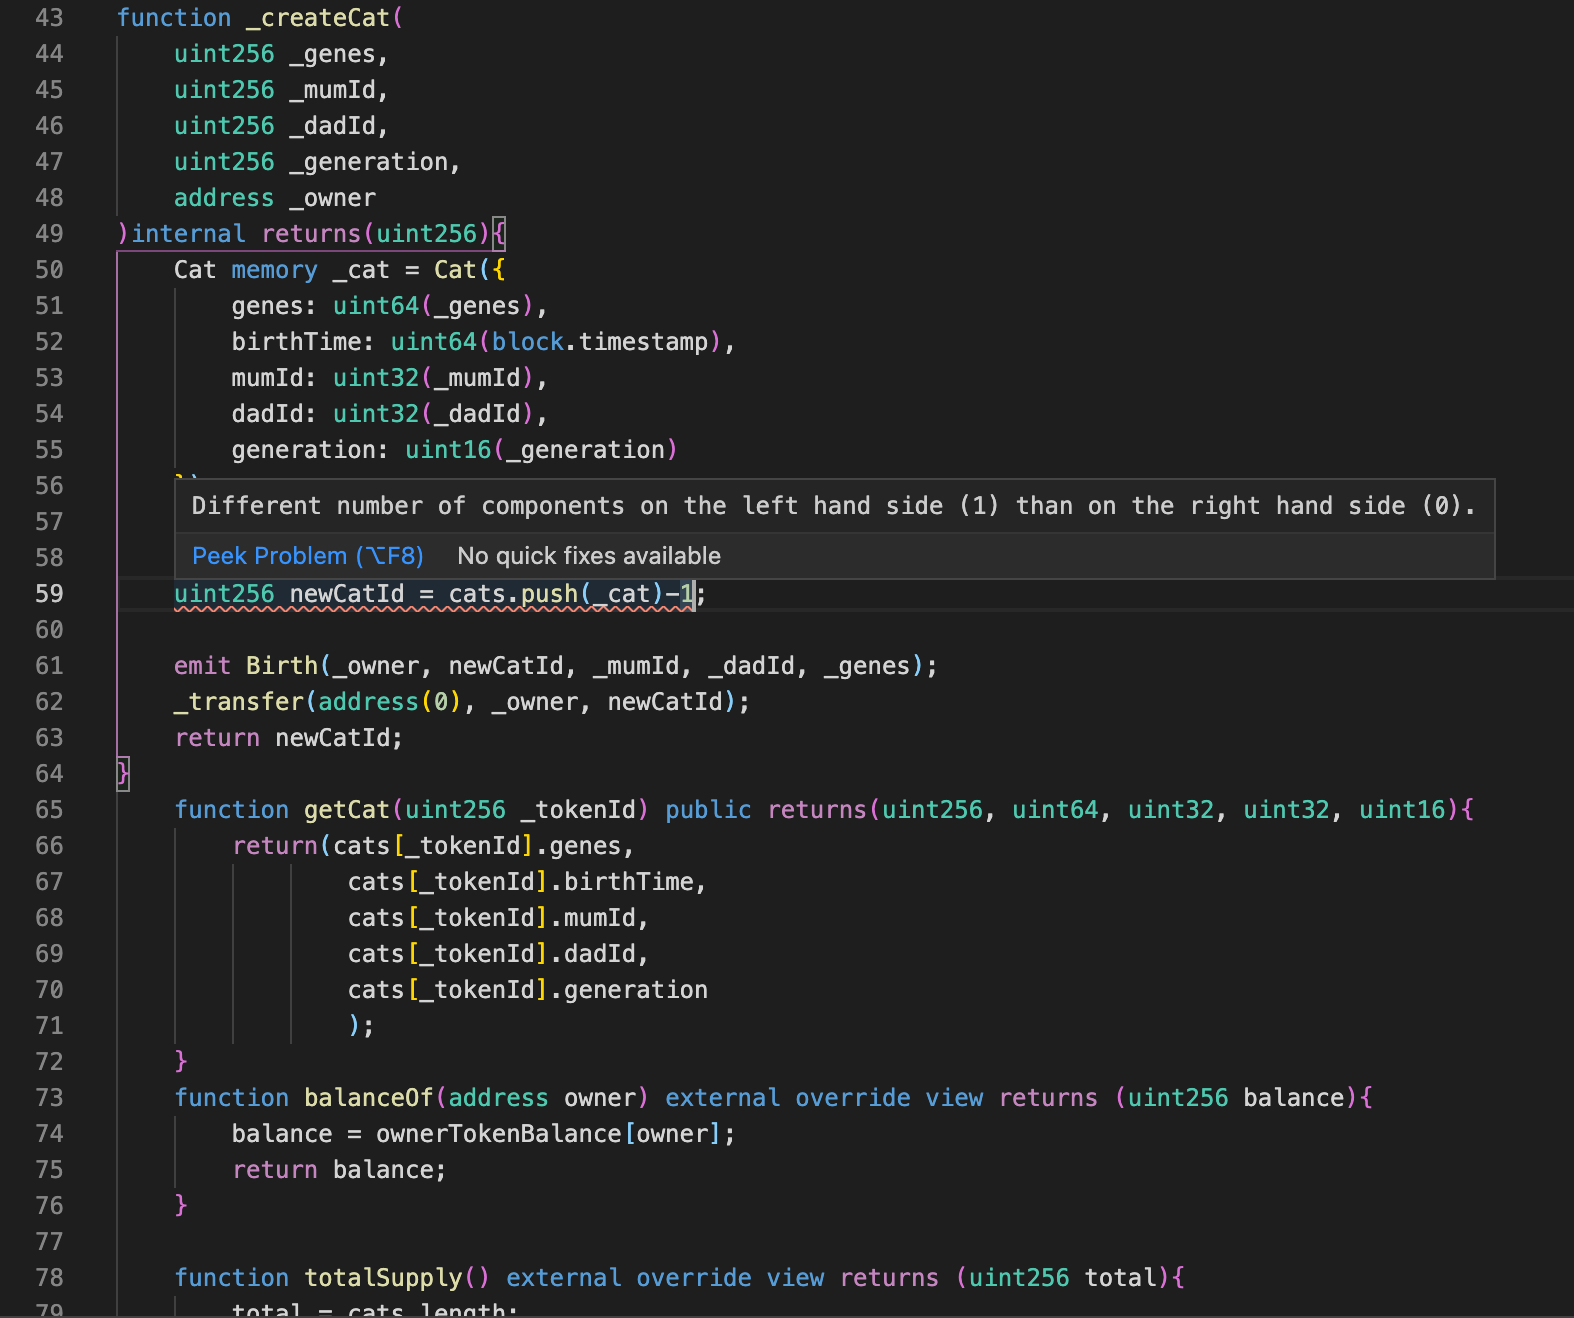 Screenshot 2021-04-16 at 14.20.49